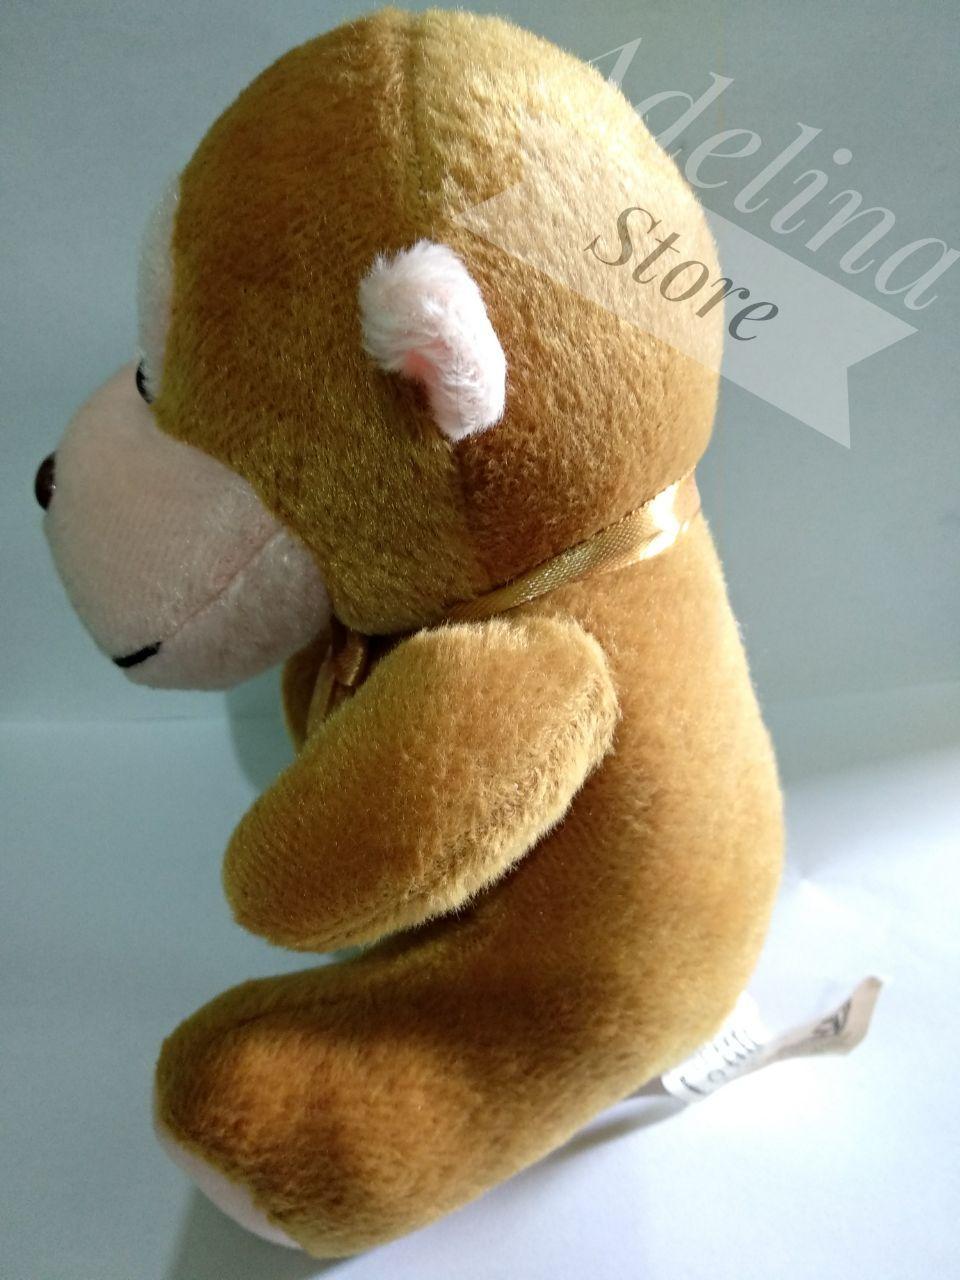 Fitur Boneka Karakter Baby Milo Berdasi Boneka Lucu Dan Harga ... 503b4f6b3f